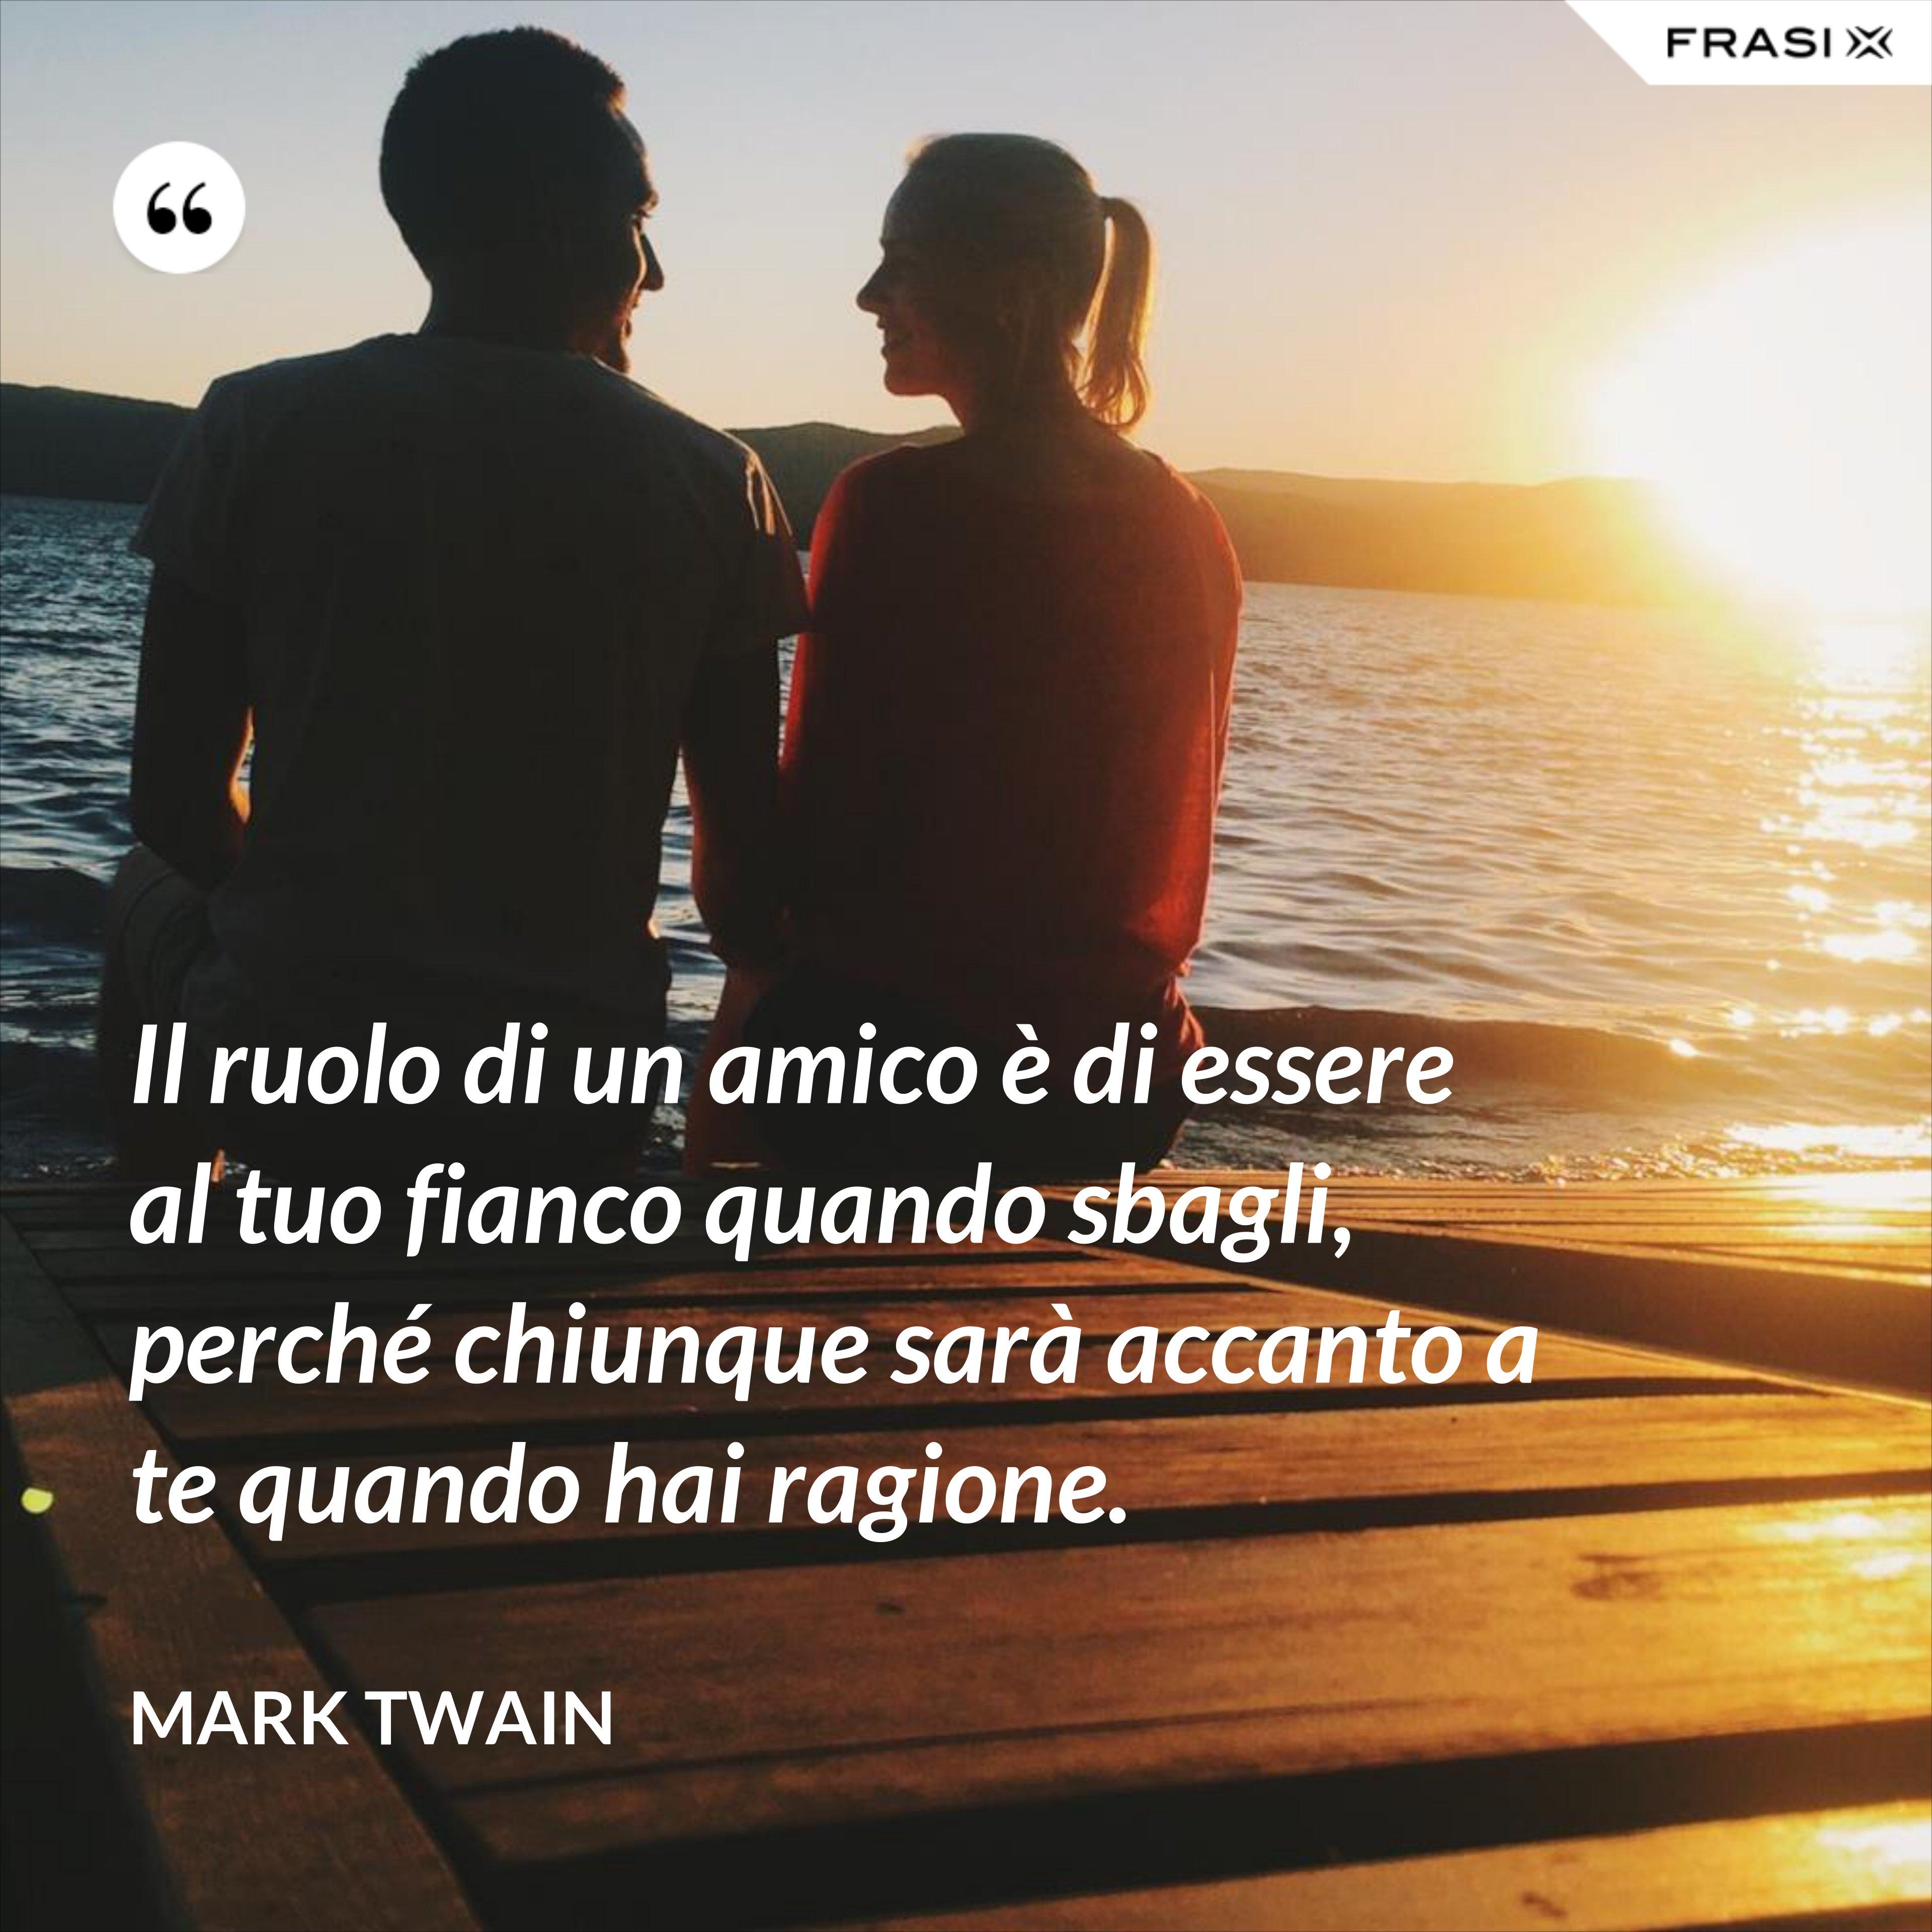 Il ruolo di un amico è di essere al tuo fianco quando sbagli, perché chiunque sarà accanto a te quando hai ragione. - Mark Twain